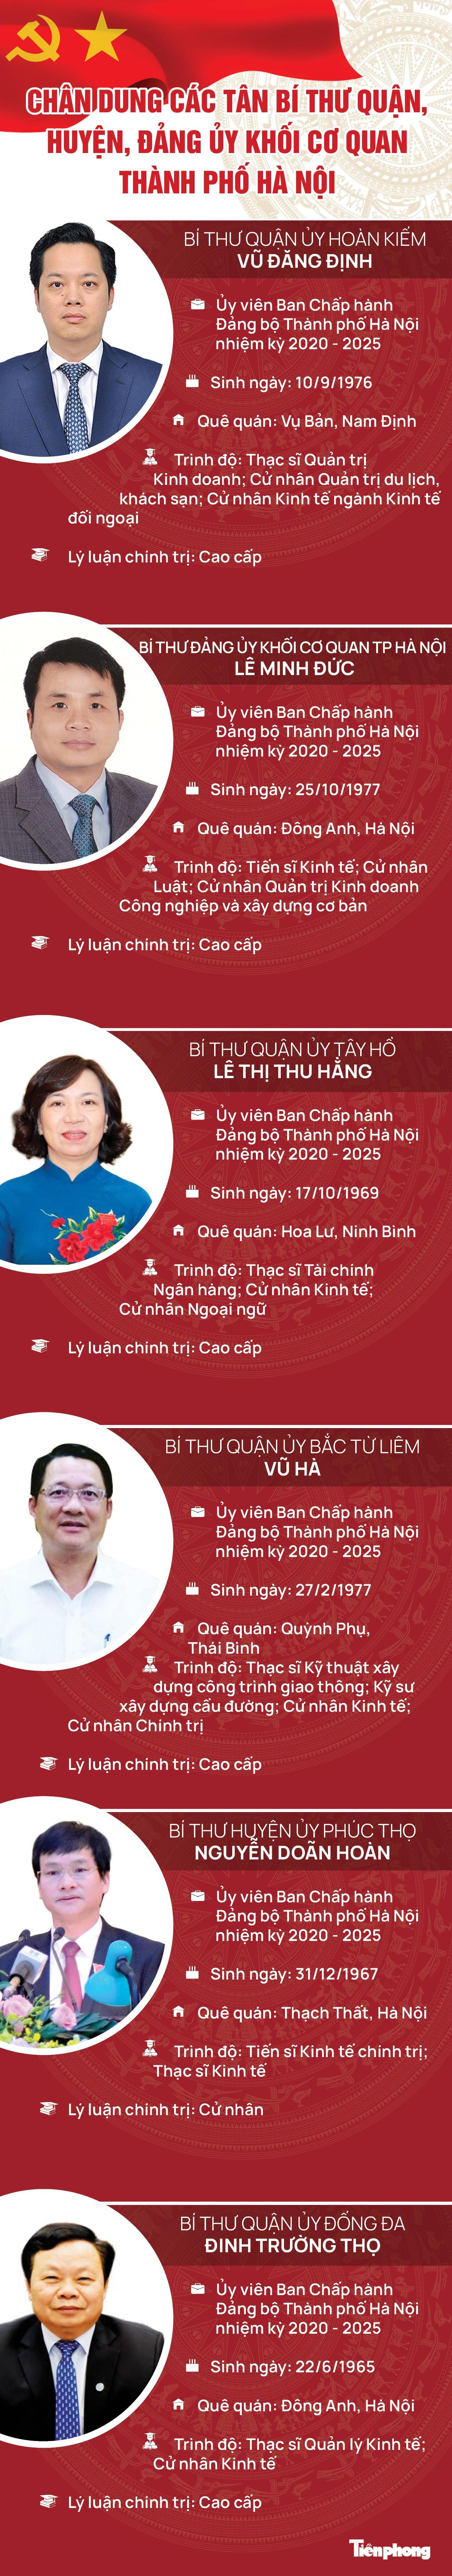 Chân dung tân Bí thư quận, huyện, Đảng ủy Khối cơ quan TP Hà Nội ảnh 1